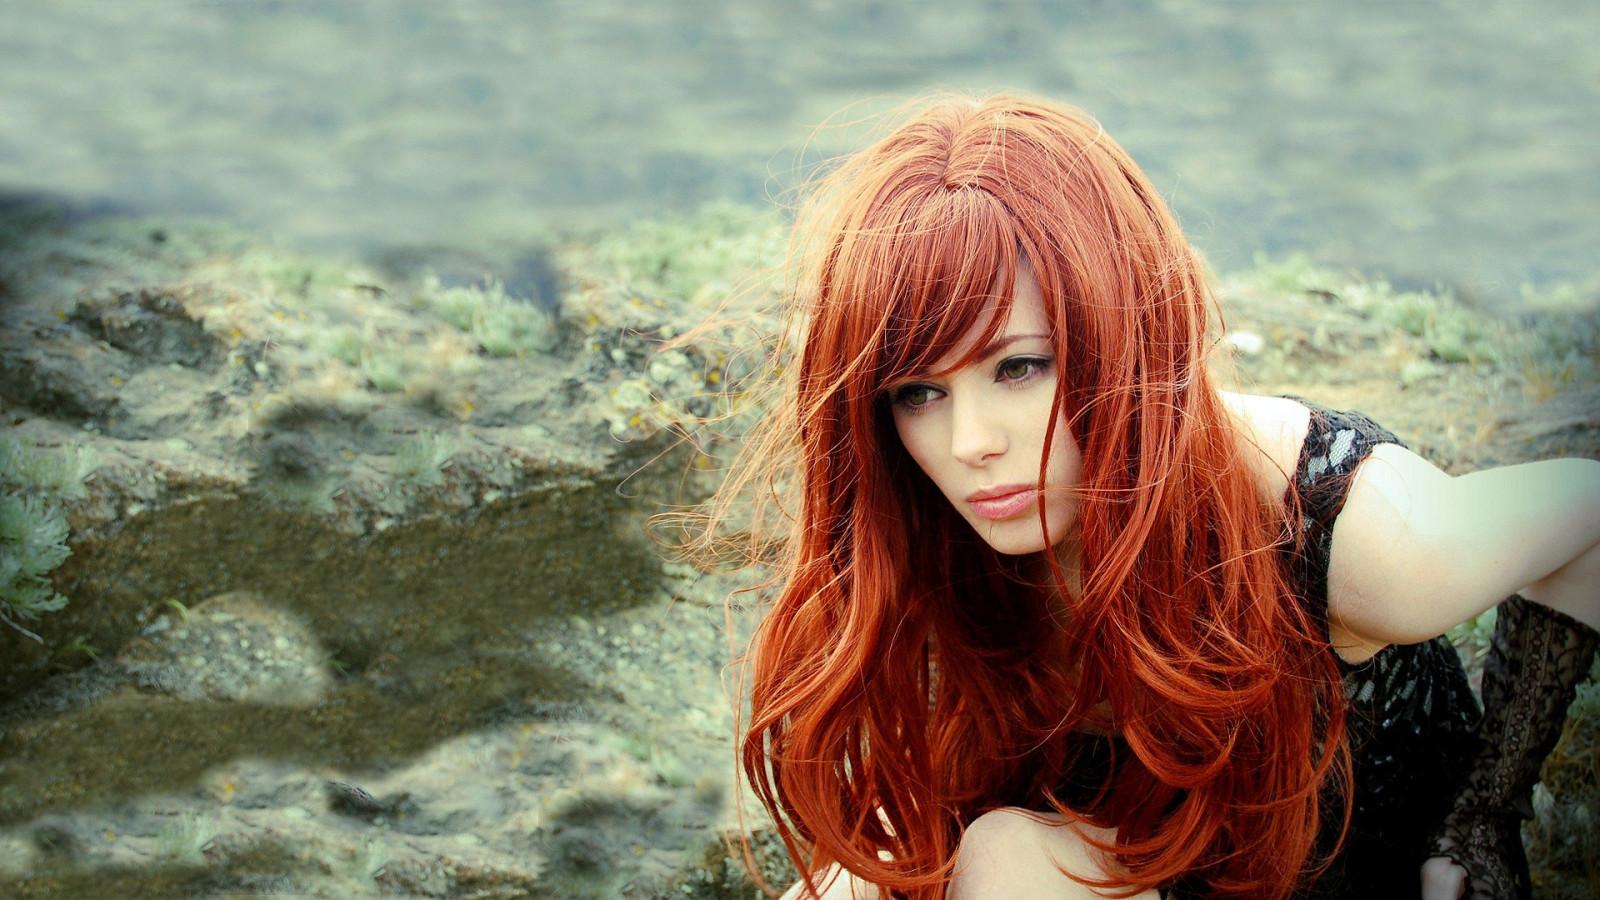 Фото девушек с рыжими волосами и цветами